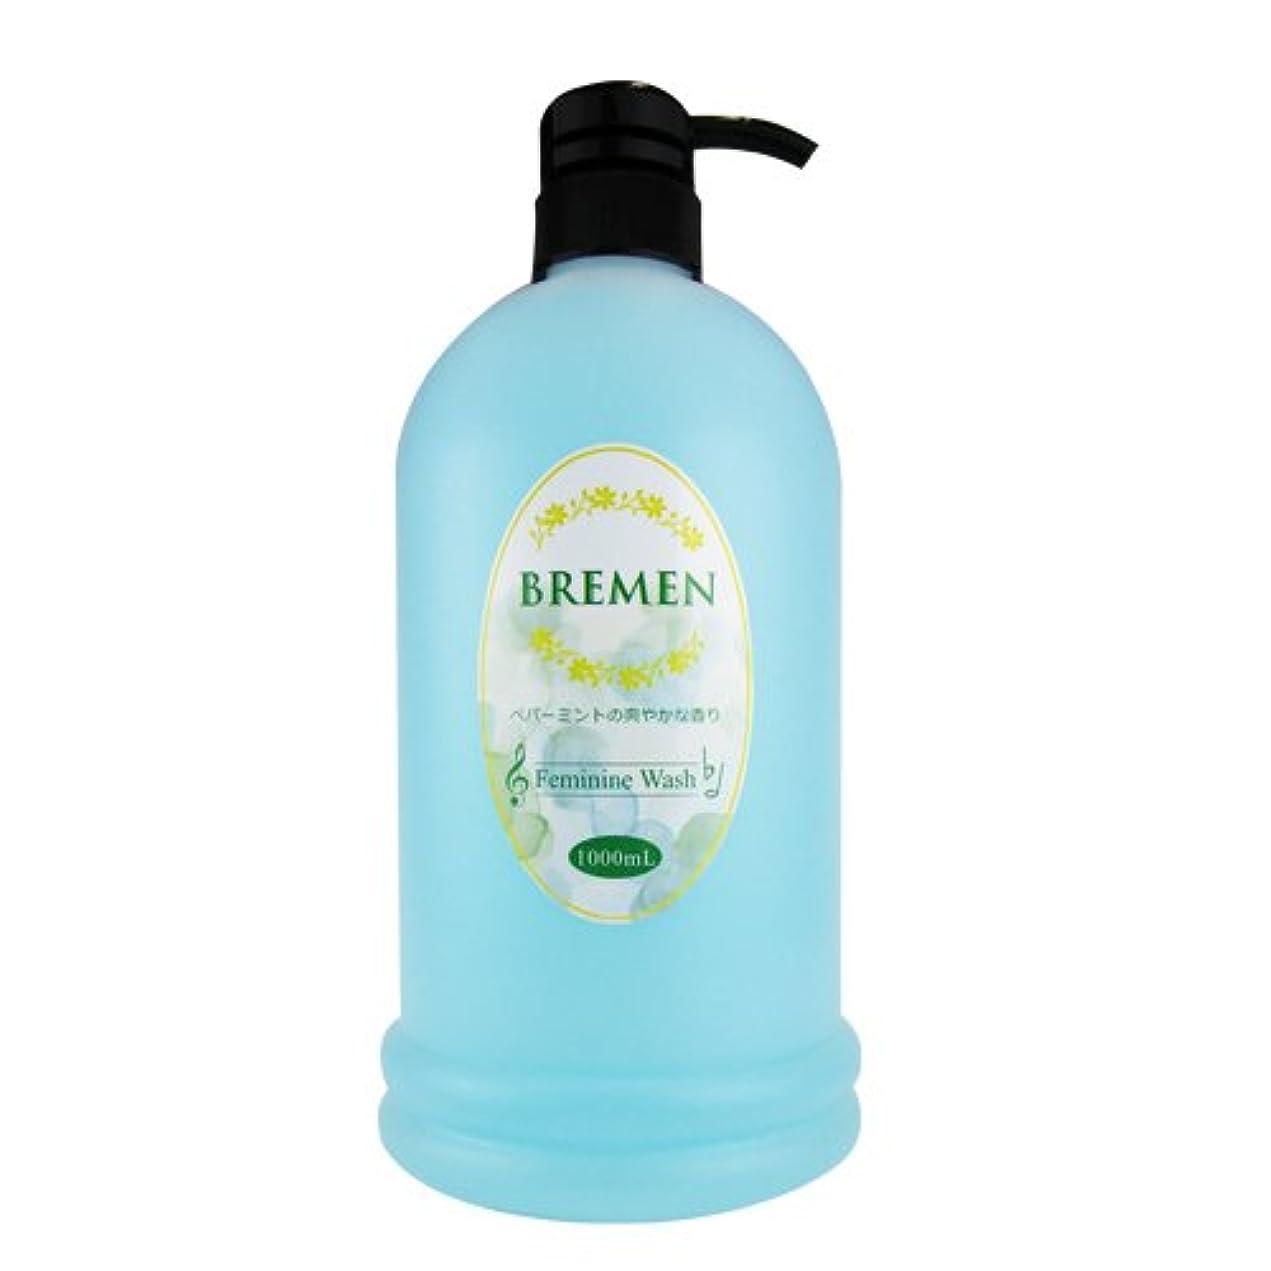 国民投票ハッピー瞑想ブレーメン(BREMEN) フェミニンウォッシュ(Feminine Wash) 1000ml ペパーミントの爽やかな香り